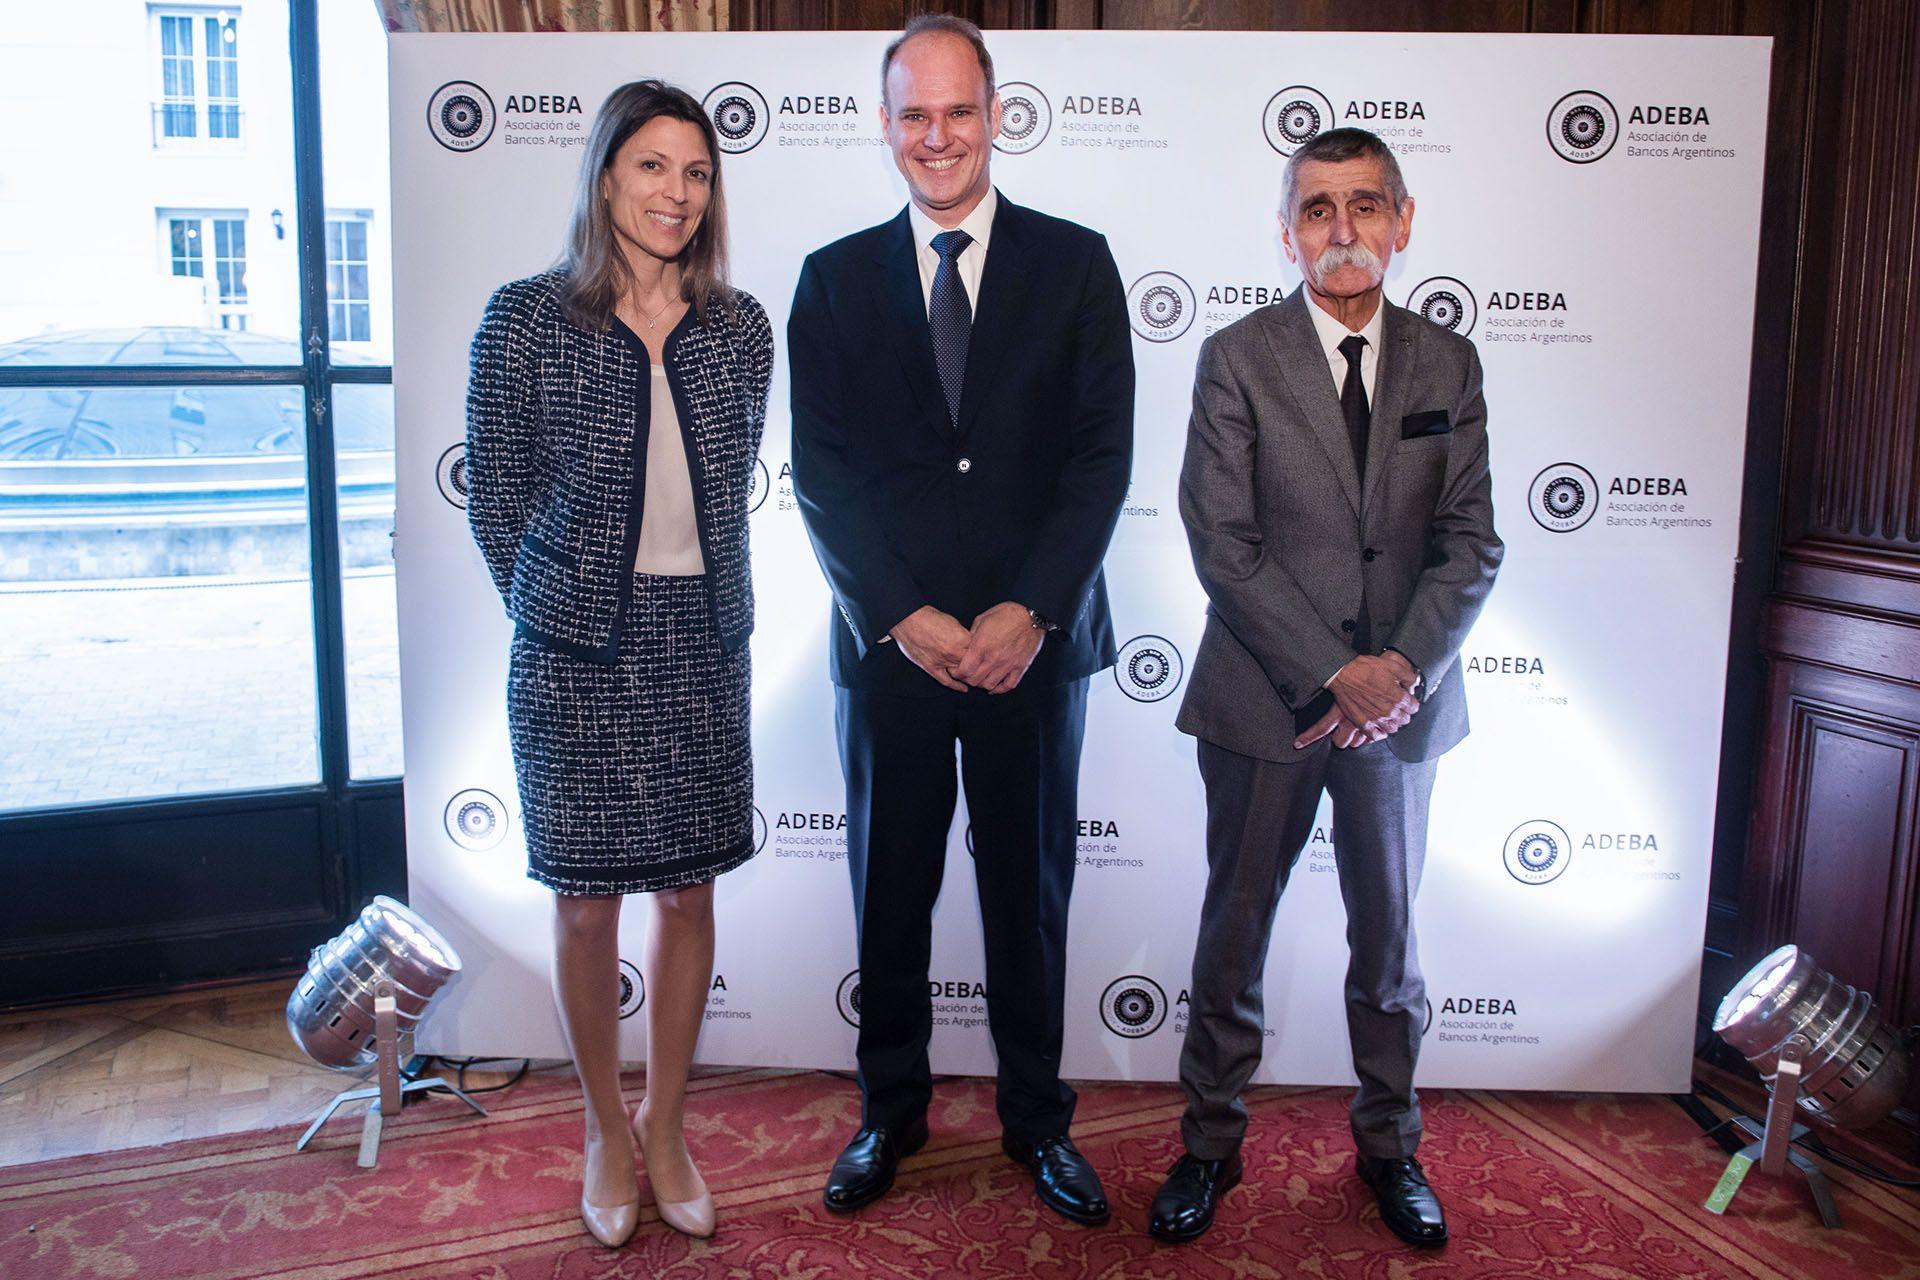 El presidente de ADEBA, Javier Bolzico, recibe a Isela Costantini, CEO del BST, y a Roberto Domínguez, presidente del BST